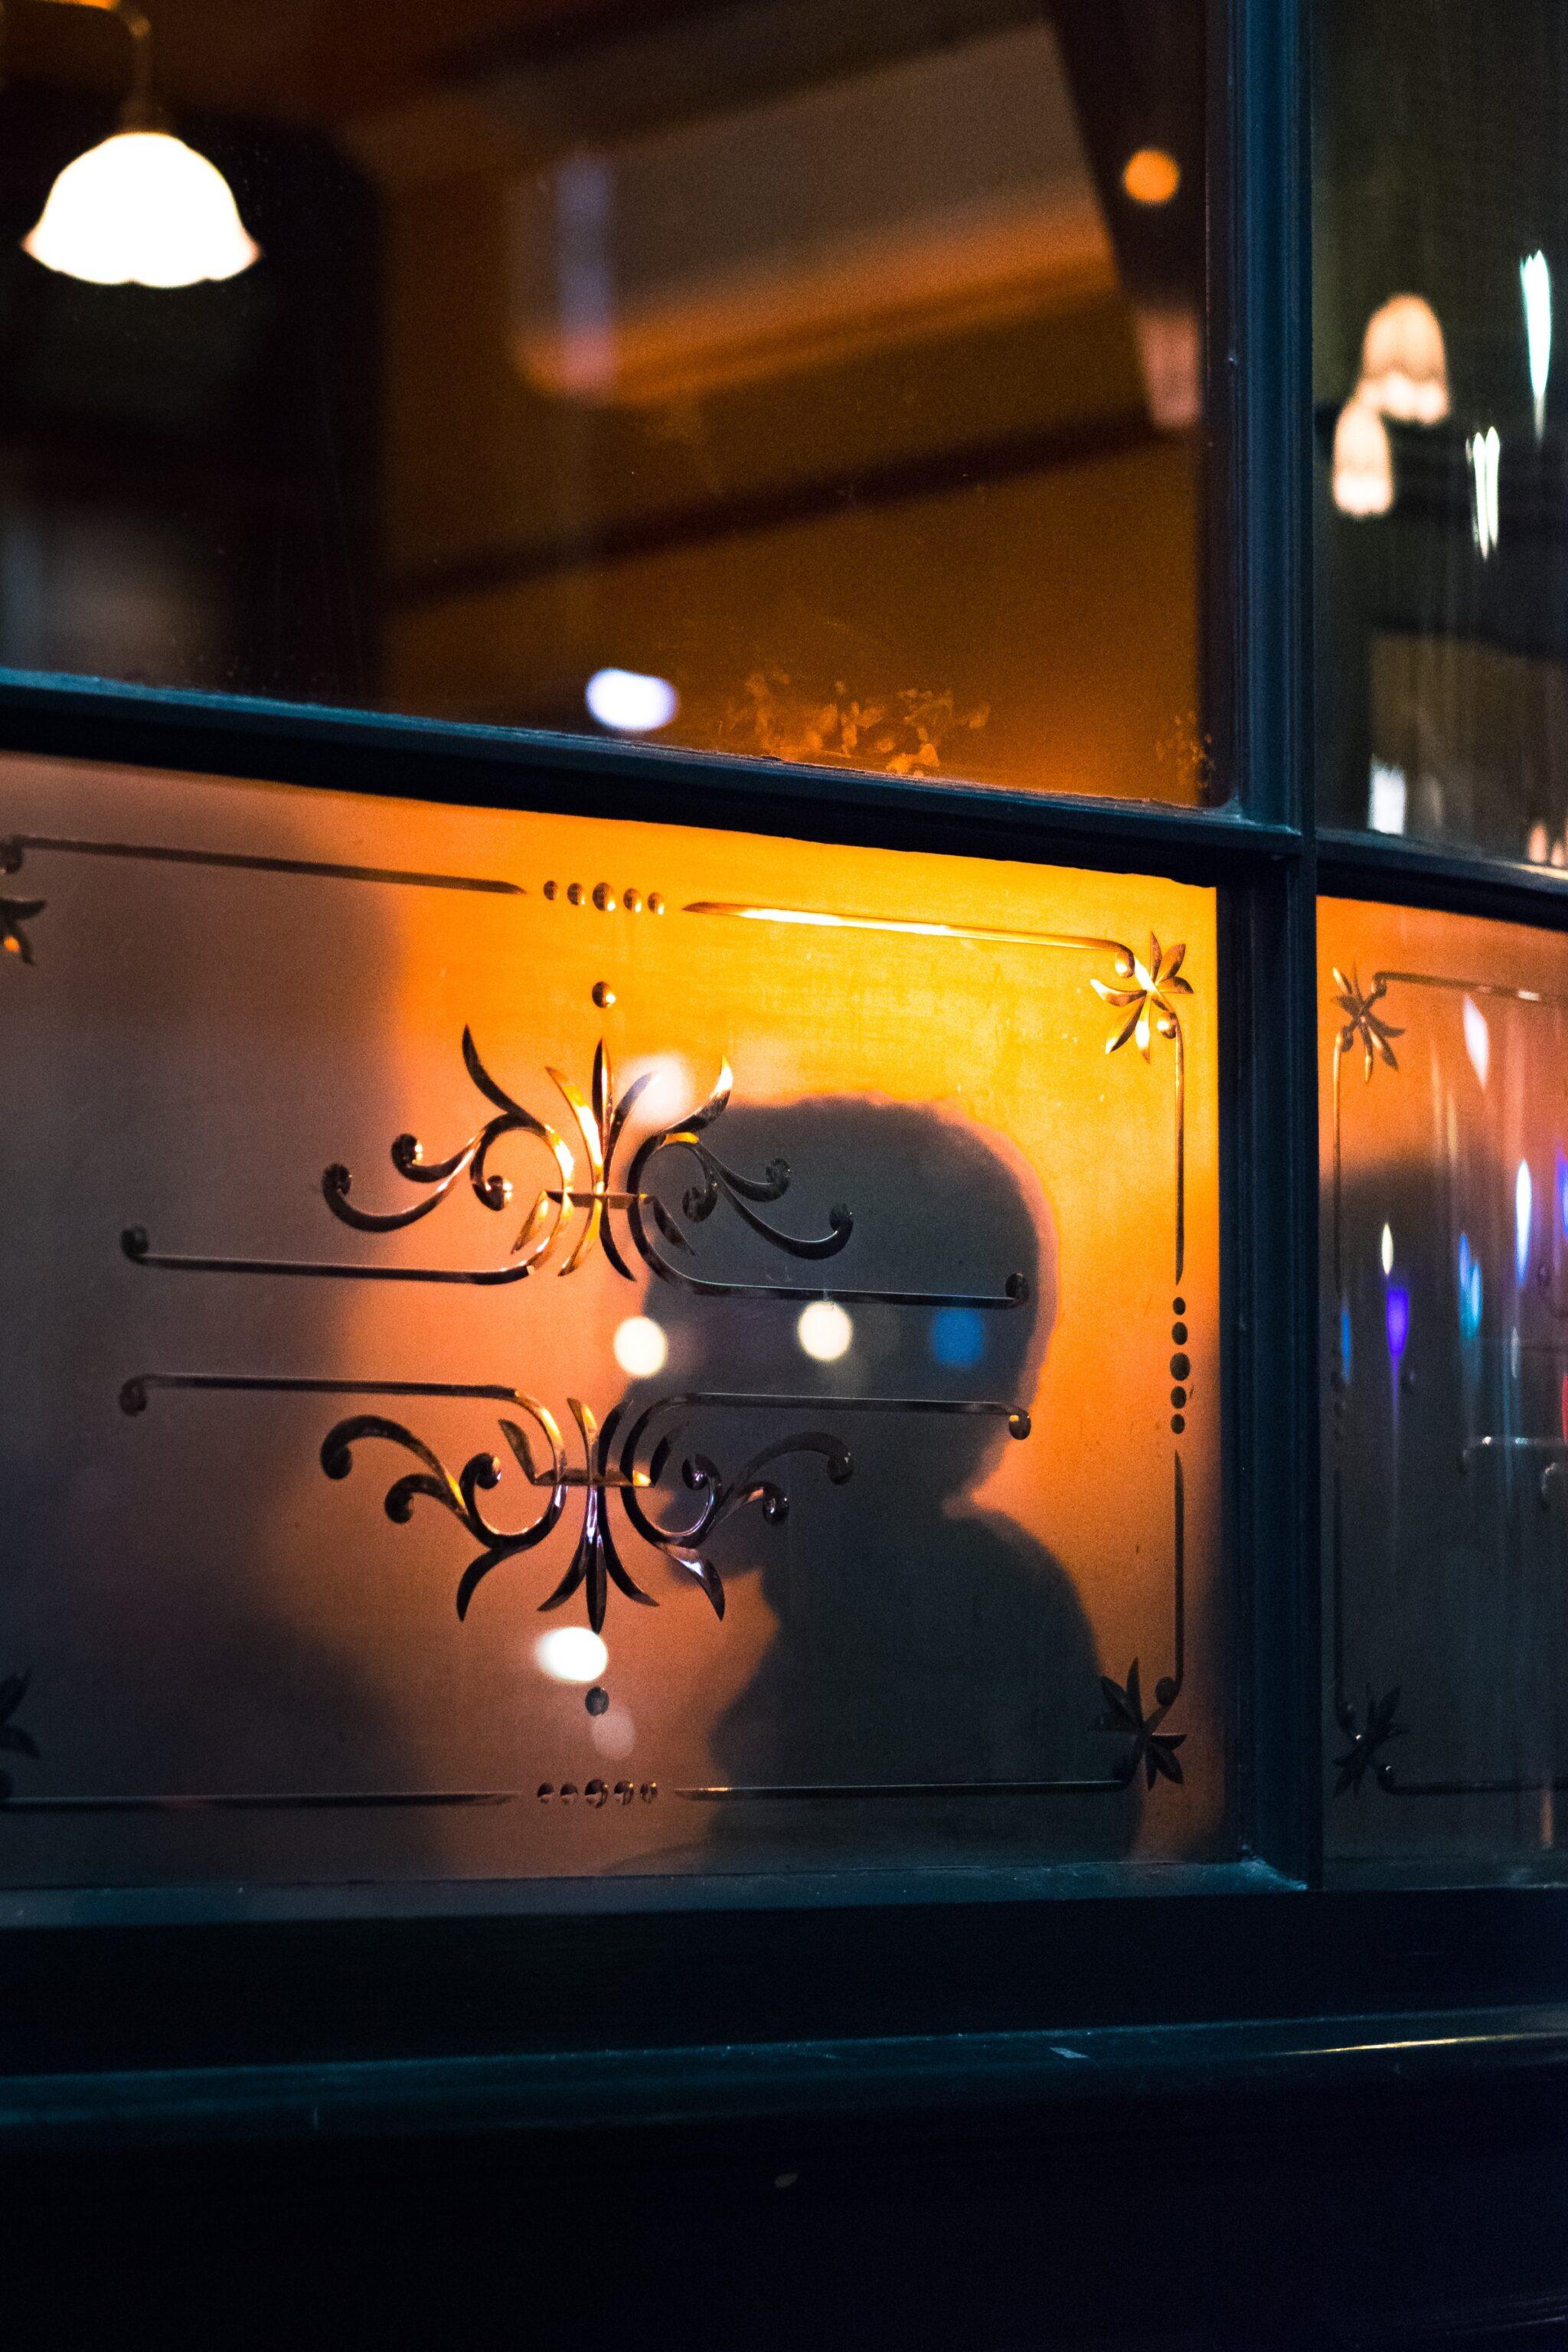 Schattenumriss eines Menschen mit Lichtreflexen, die wie augen aussehen, hinter einer Milchglasscheibe einer Bar